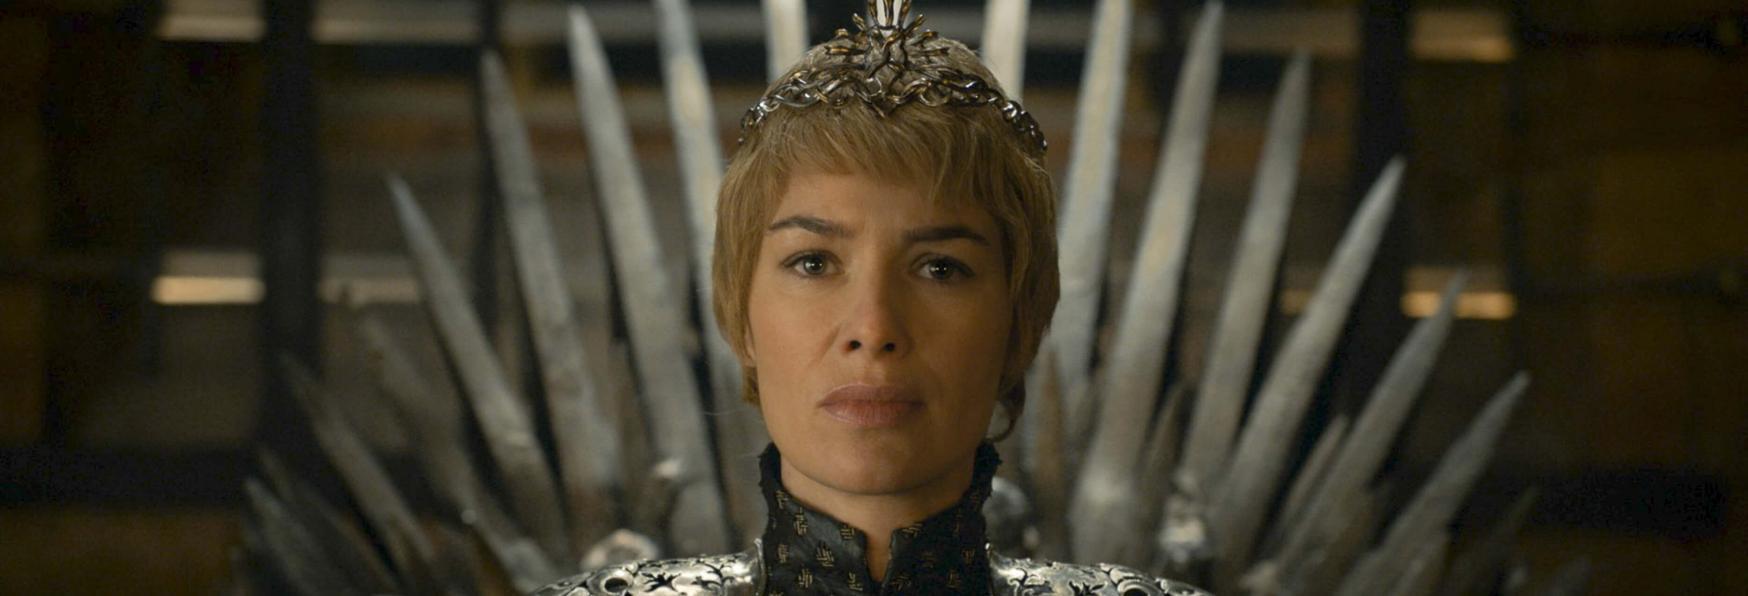 Game of Thrones: Lena Headey commenta una Particolare Scena della Serie TV HBO